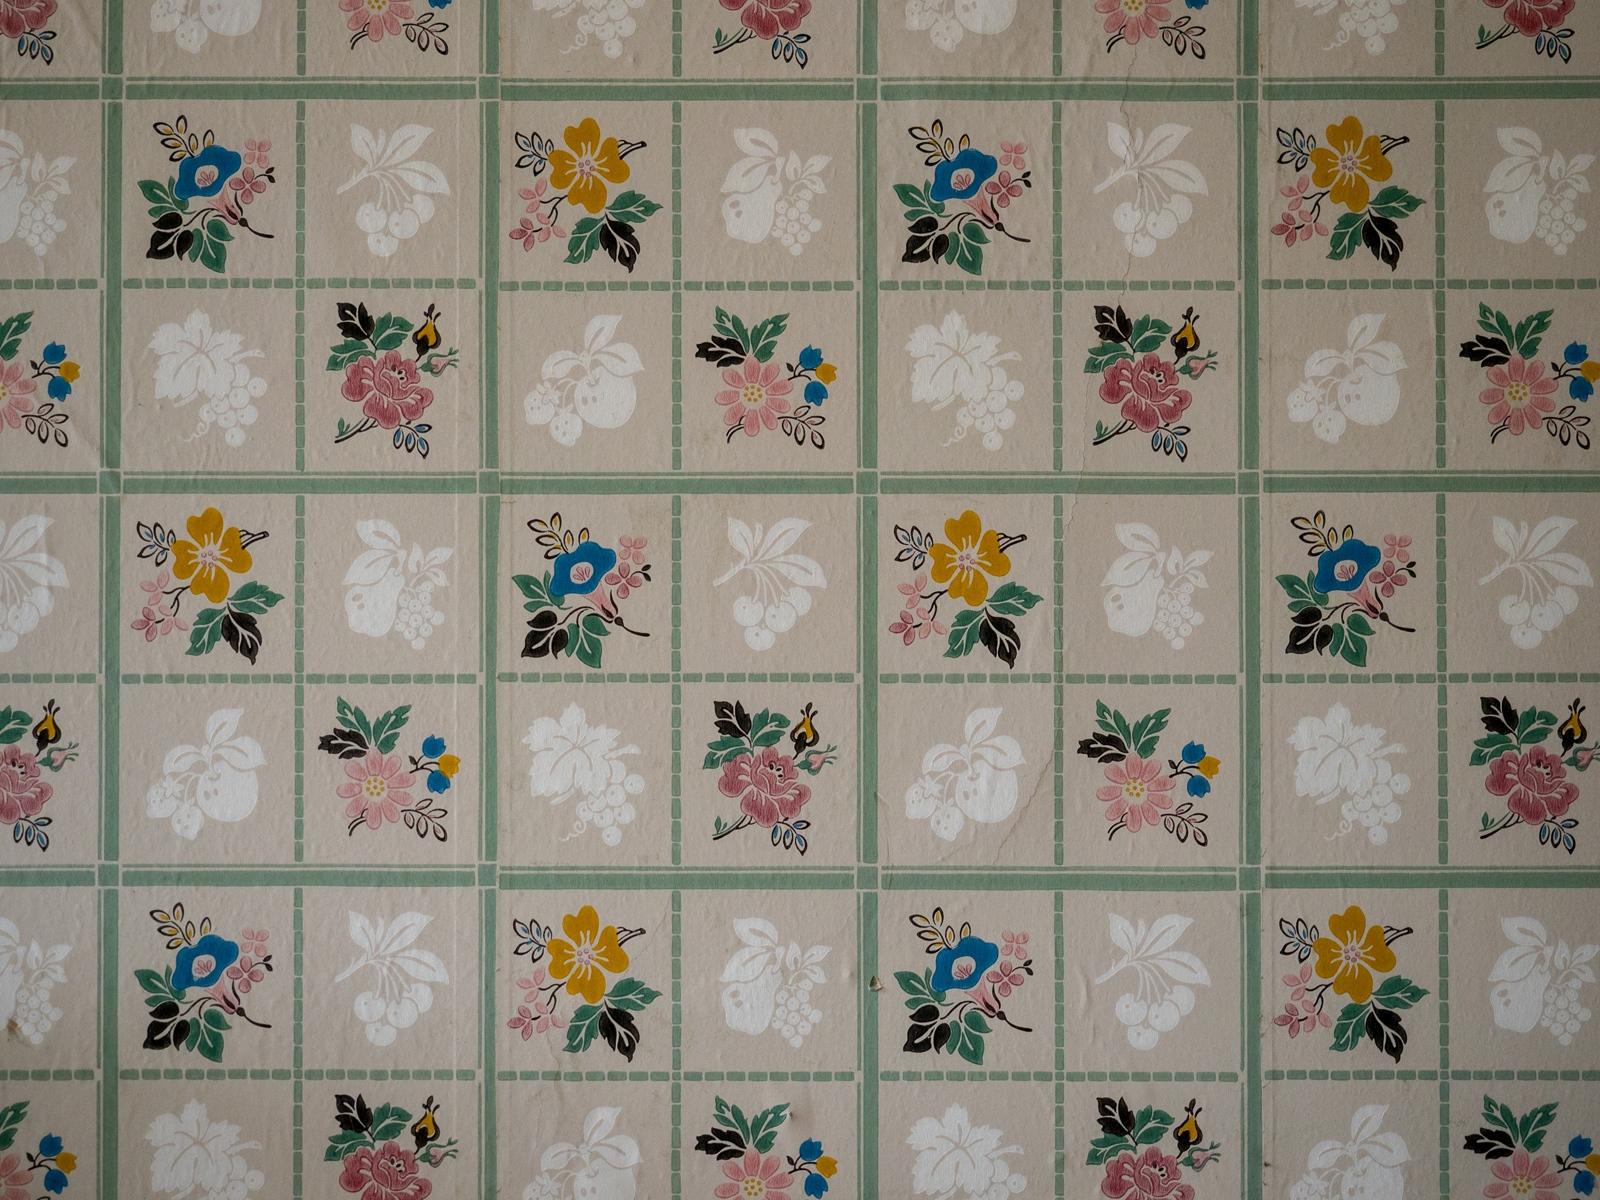 Wallpaper close up.